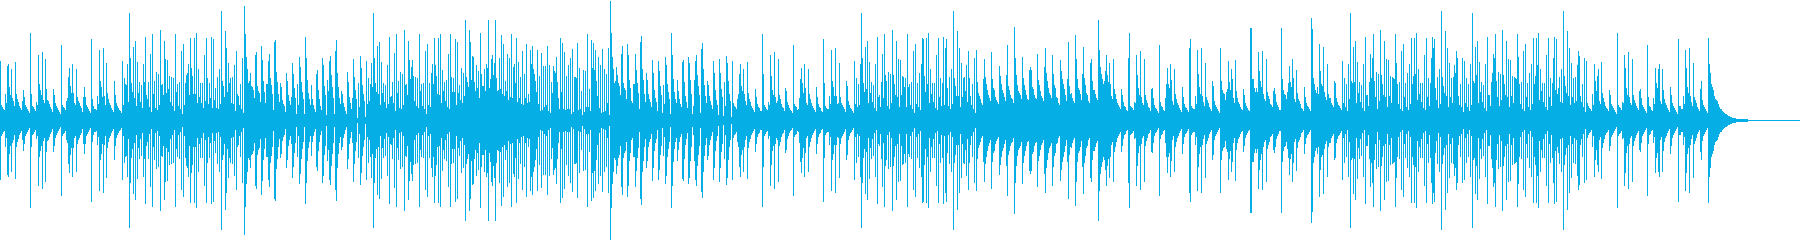 マリンバとトライアングルがキレイに奏でるの再生済みの波形